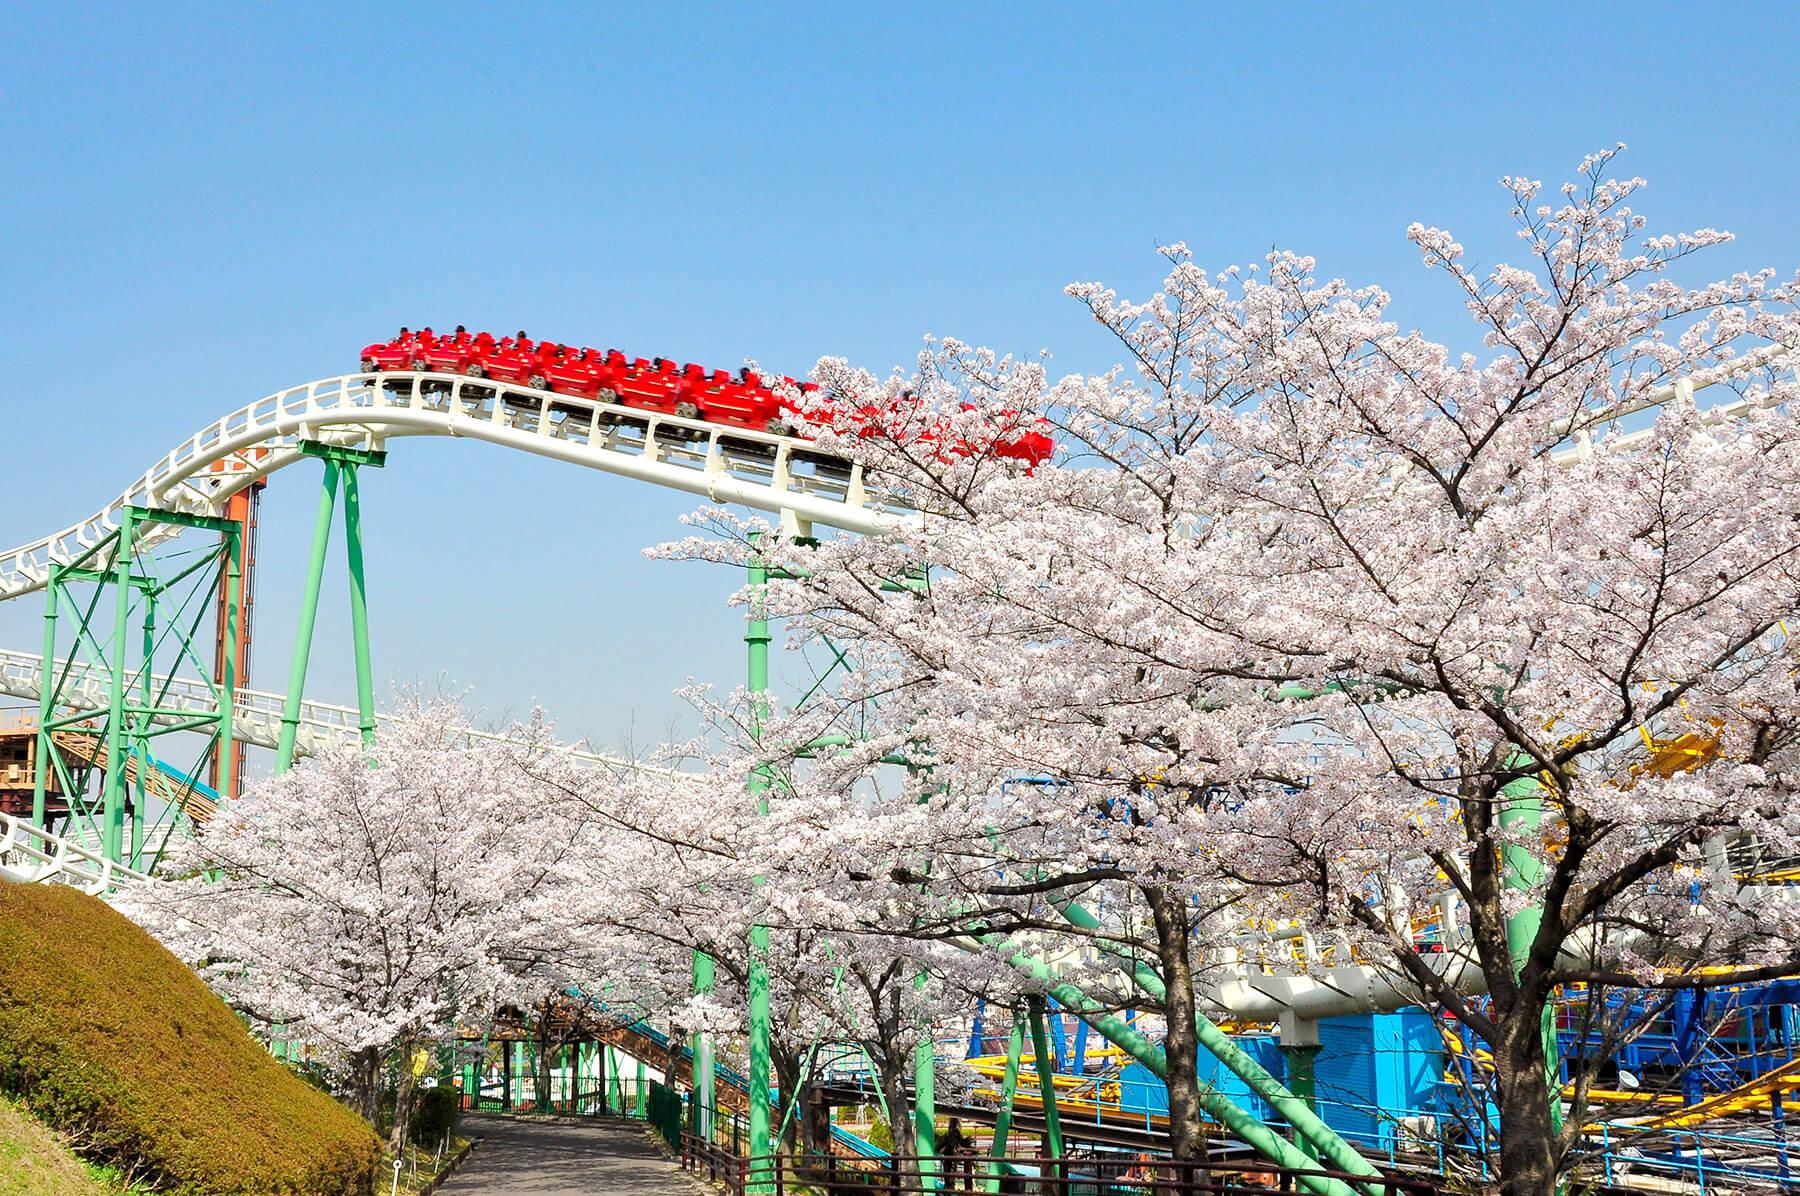 ひらかたパーク 大阪 ひらぱー Hirakata Park Osaka